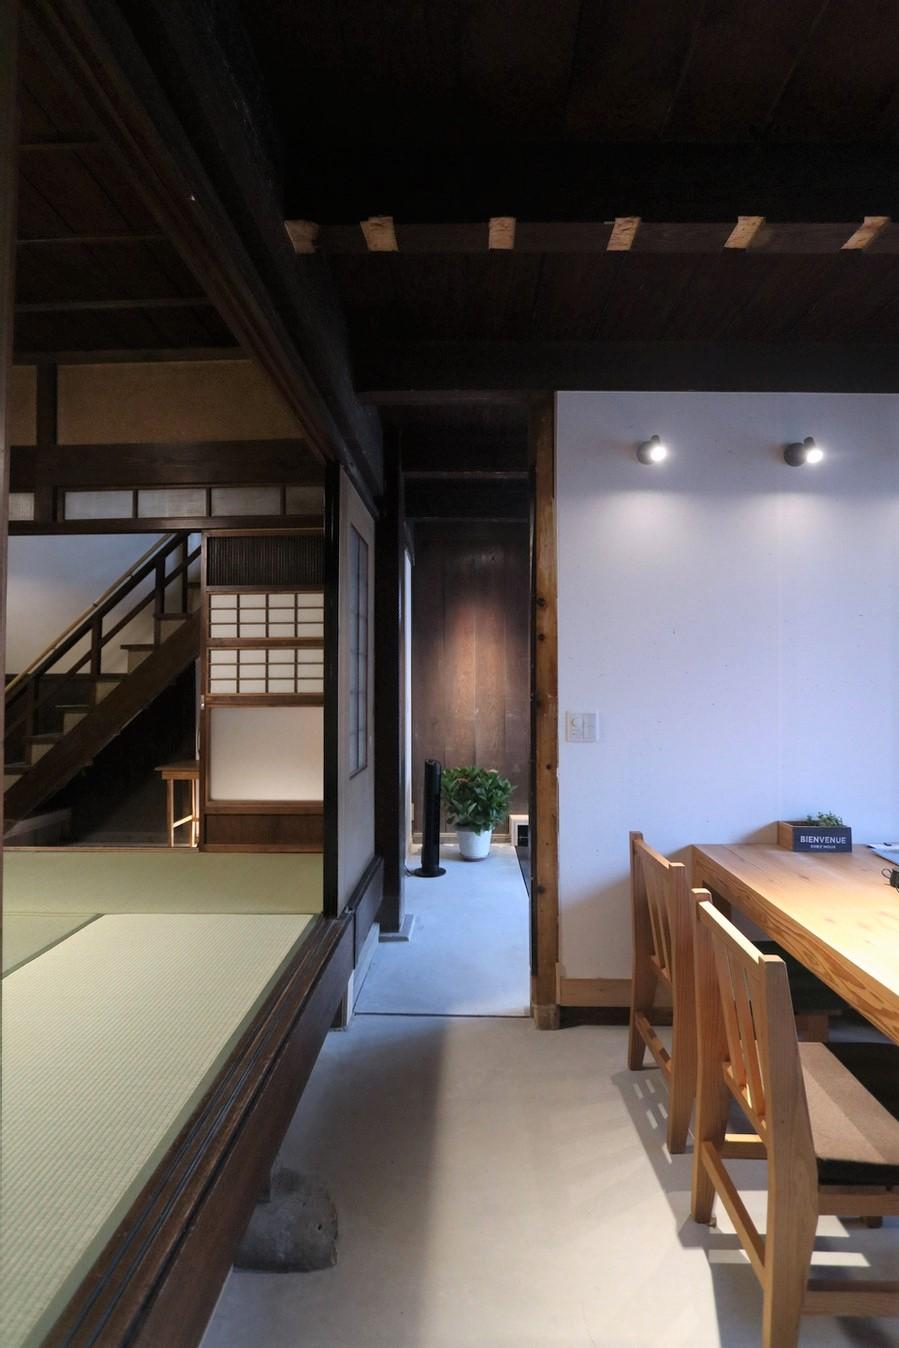 アクトホーム(木の住まいづくり研究所)|玄関左手の洋室も、ひと続きの土間空間に生まれ変わった。来客を迎えたり、リモートワークや宿題のスペースになったりと、和室とほどよくつながり、多様な暮らし方を受け止める。壁には調湿性に優れ、外部からの光をやわらかく反射させる土佐和紙が採用されている